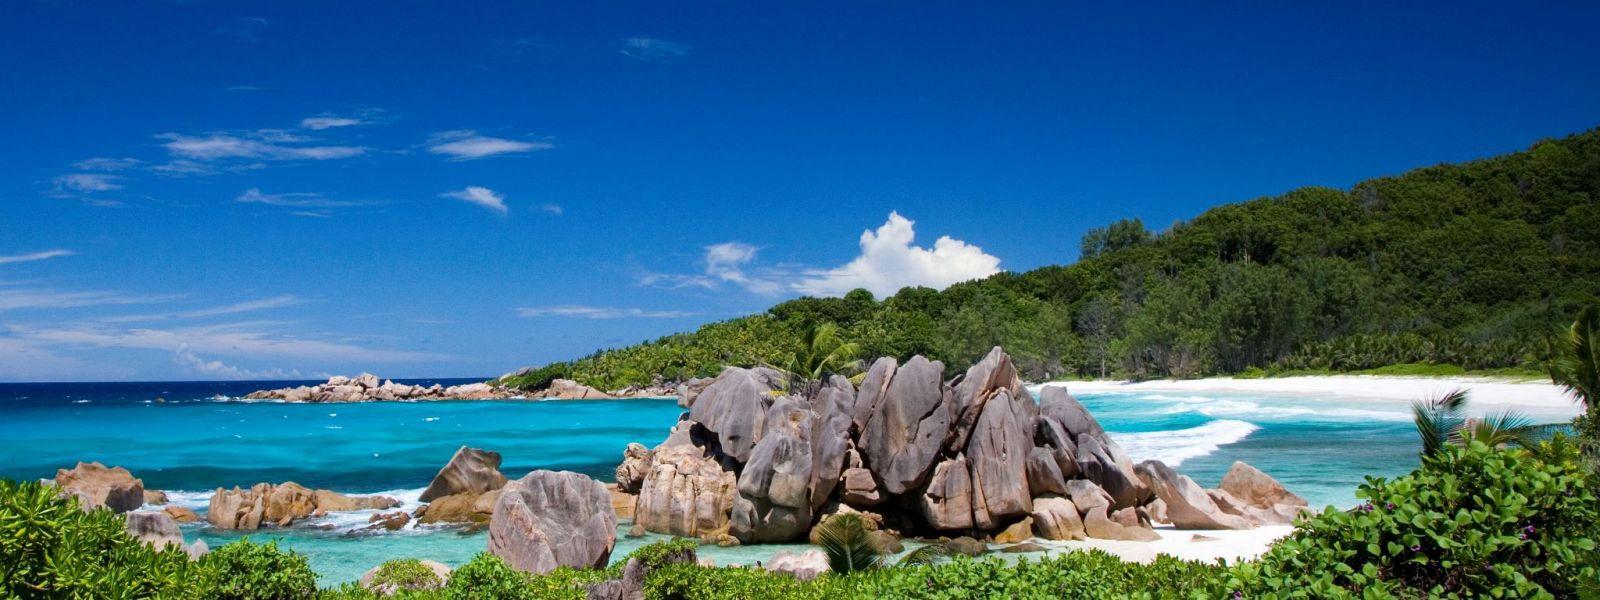 Ihre Betreuung auf den Seychellen